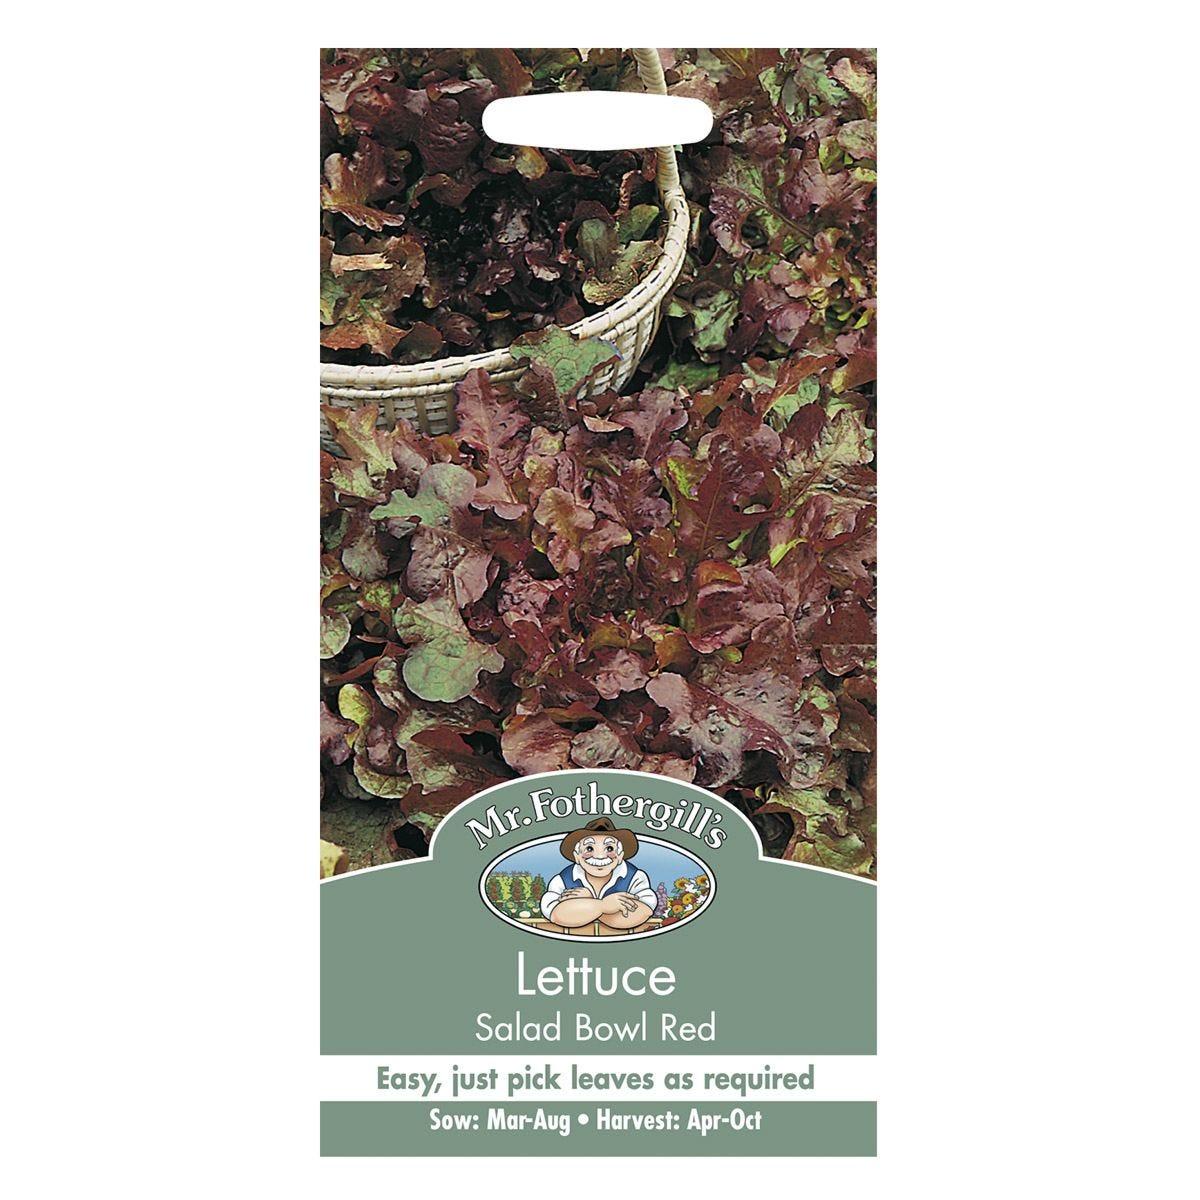 Mr Fothergill's Lettuce Salad Bowl Red Seeds